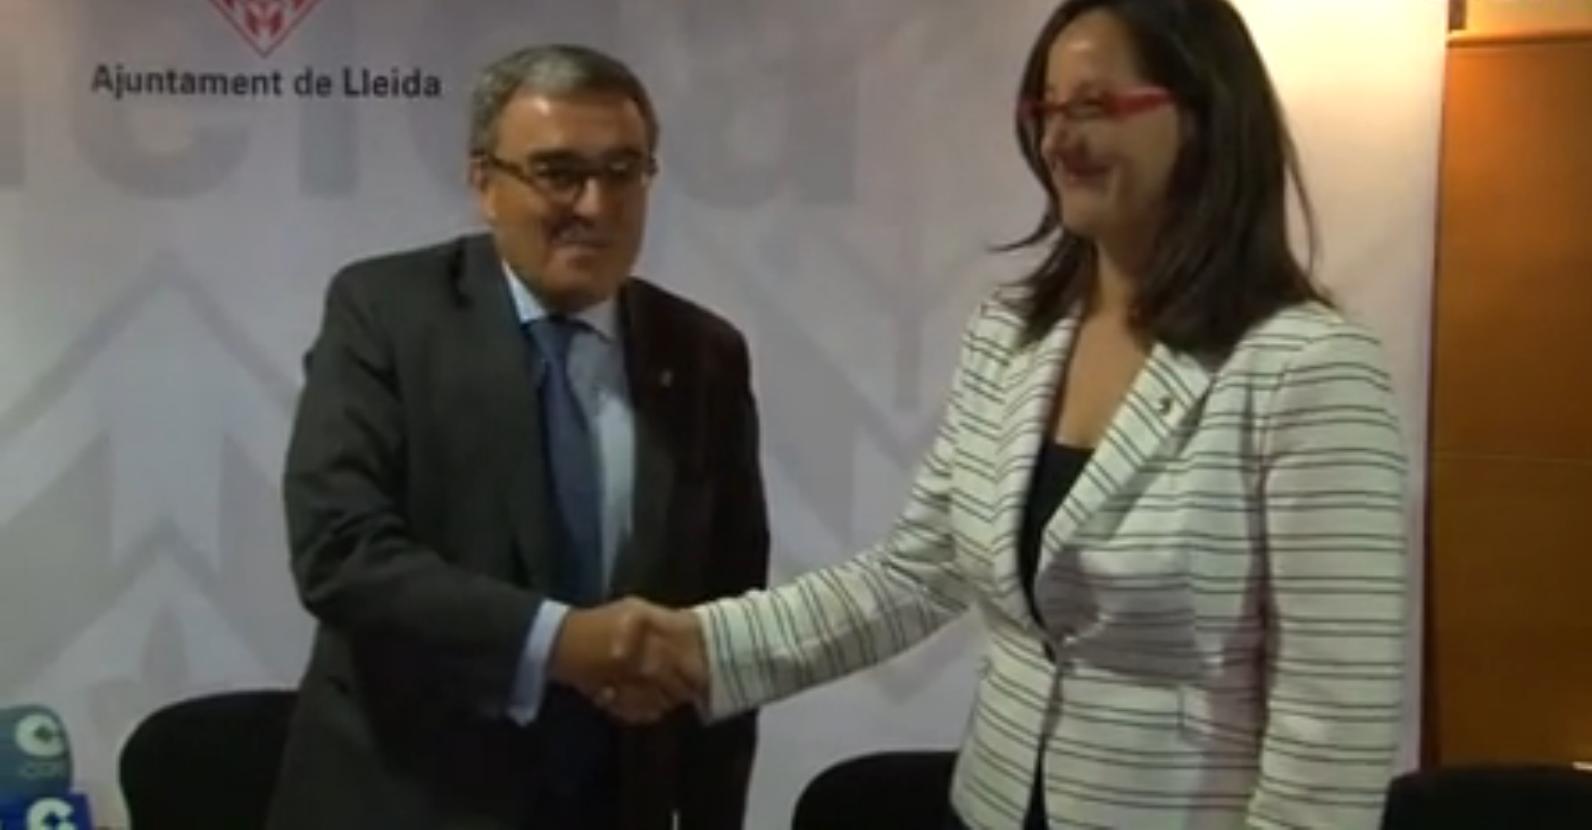 Ciudadanos (C's) sella un acuerdo político con 50 por ciento de castellano y un rechazo frontal al separatismo incluso sus «símbolos» en Lérida (5)